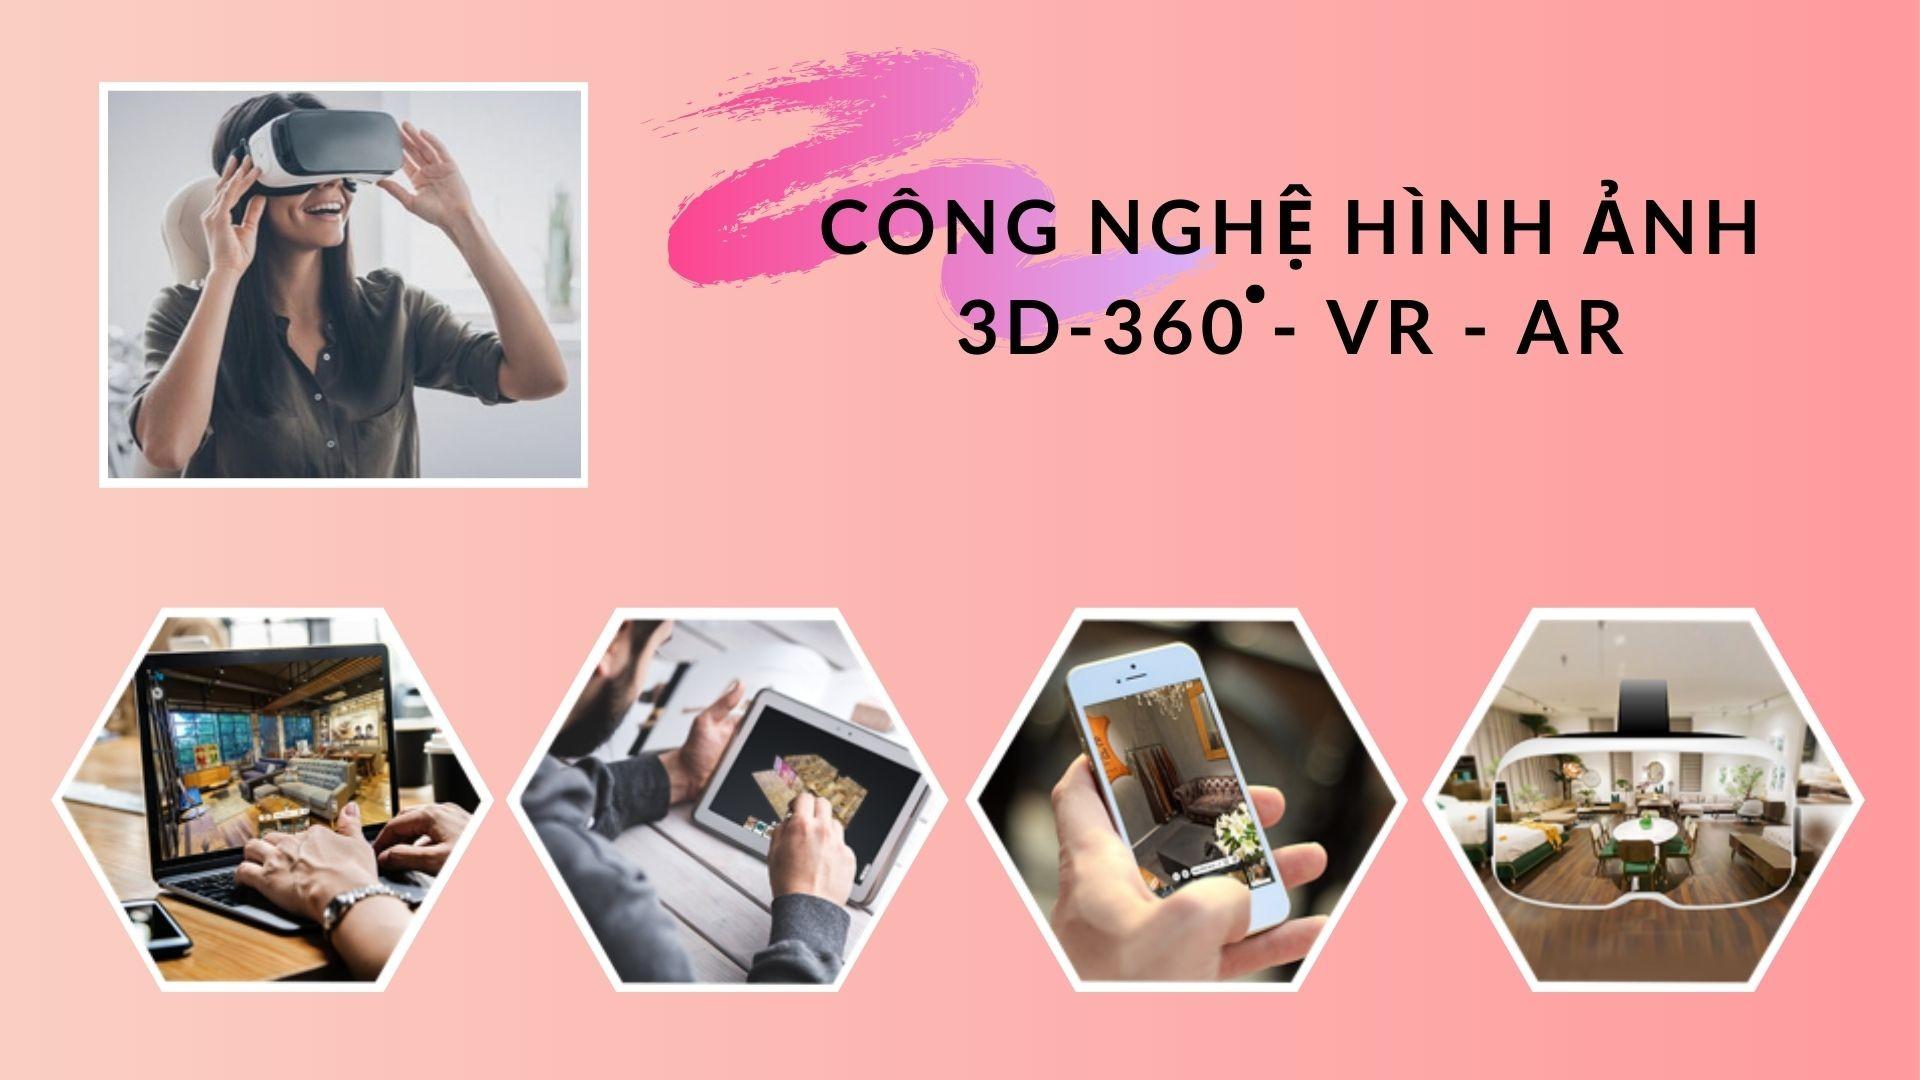 Giải Pháp Công Nghệ Hình Ảnh 3D - 3600 - VR – AR